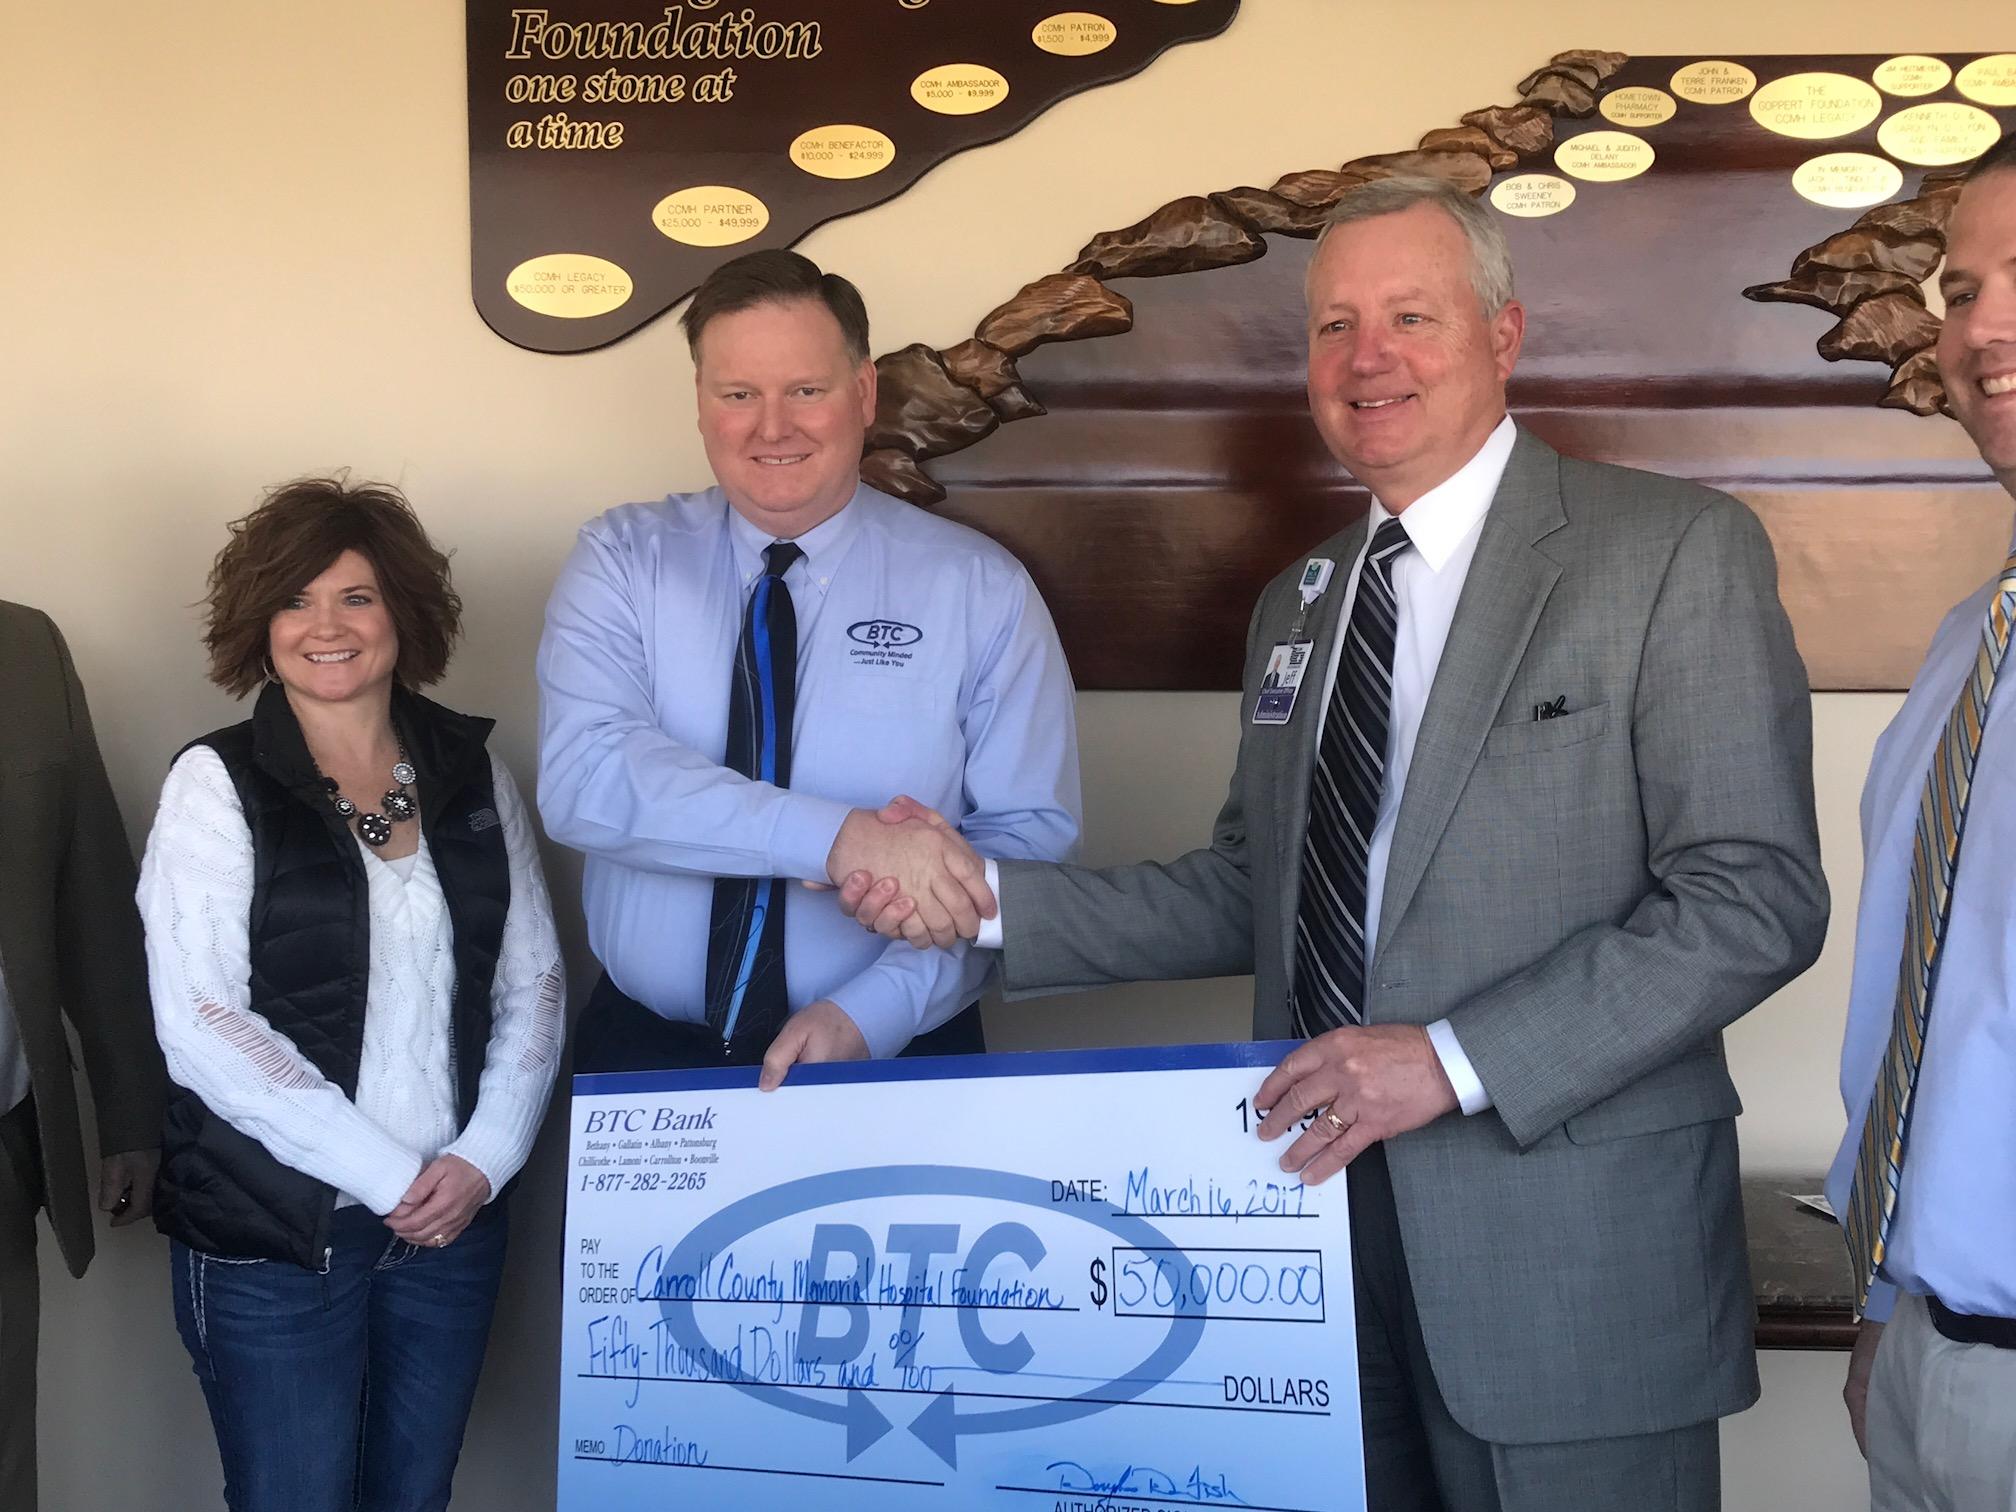 BTC Bank pledges $50,000 to Carroll County Memorial Hospital Foundation